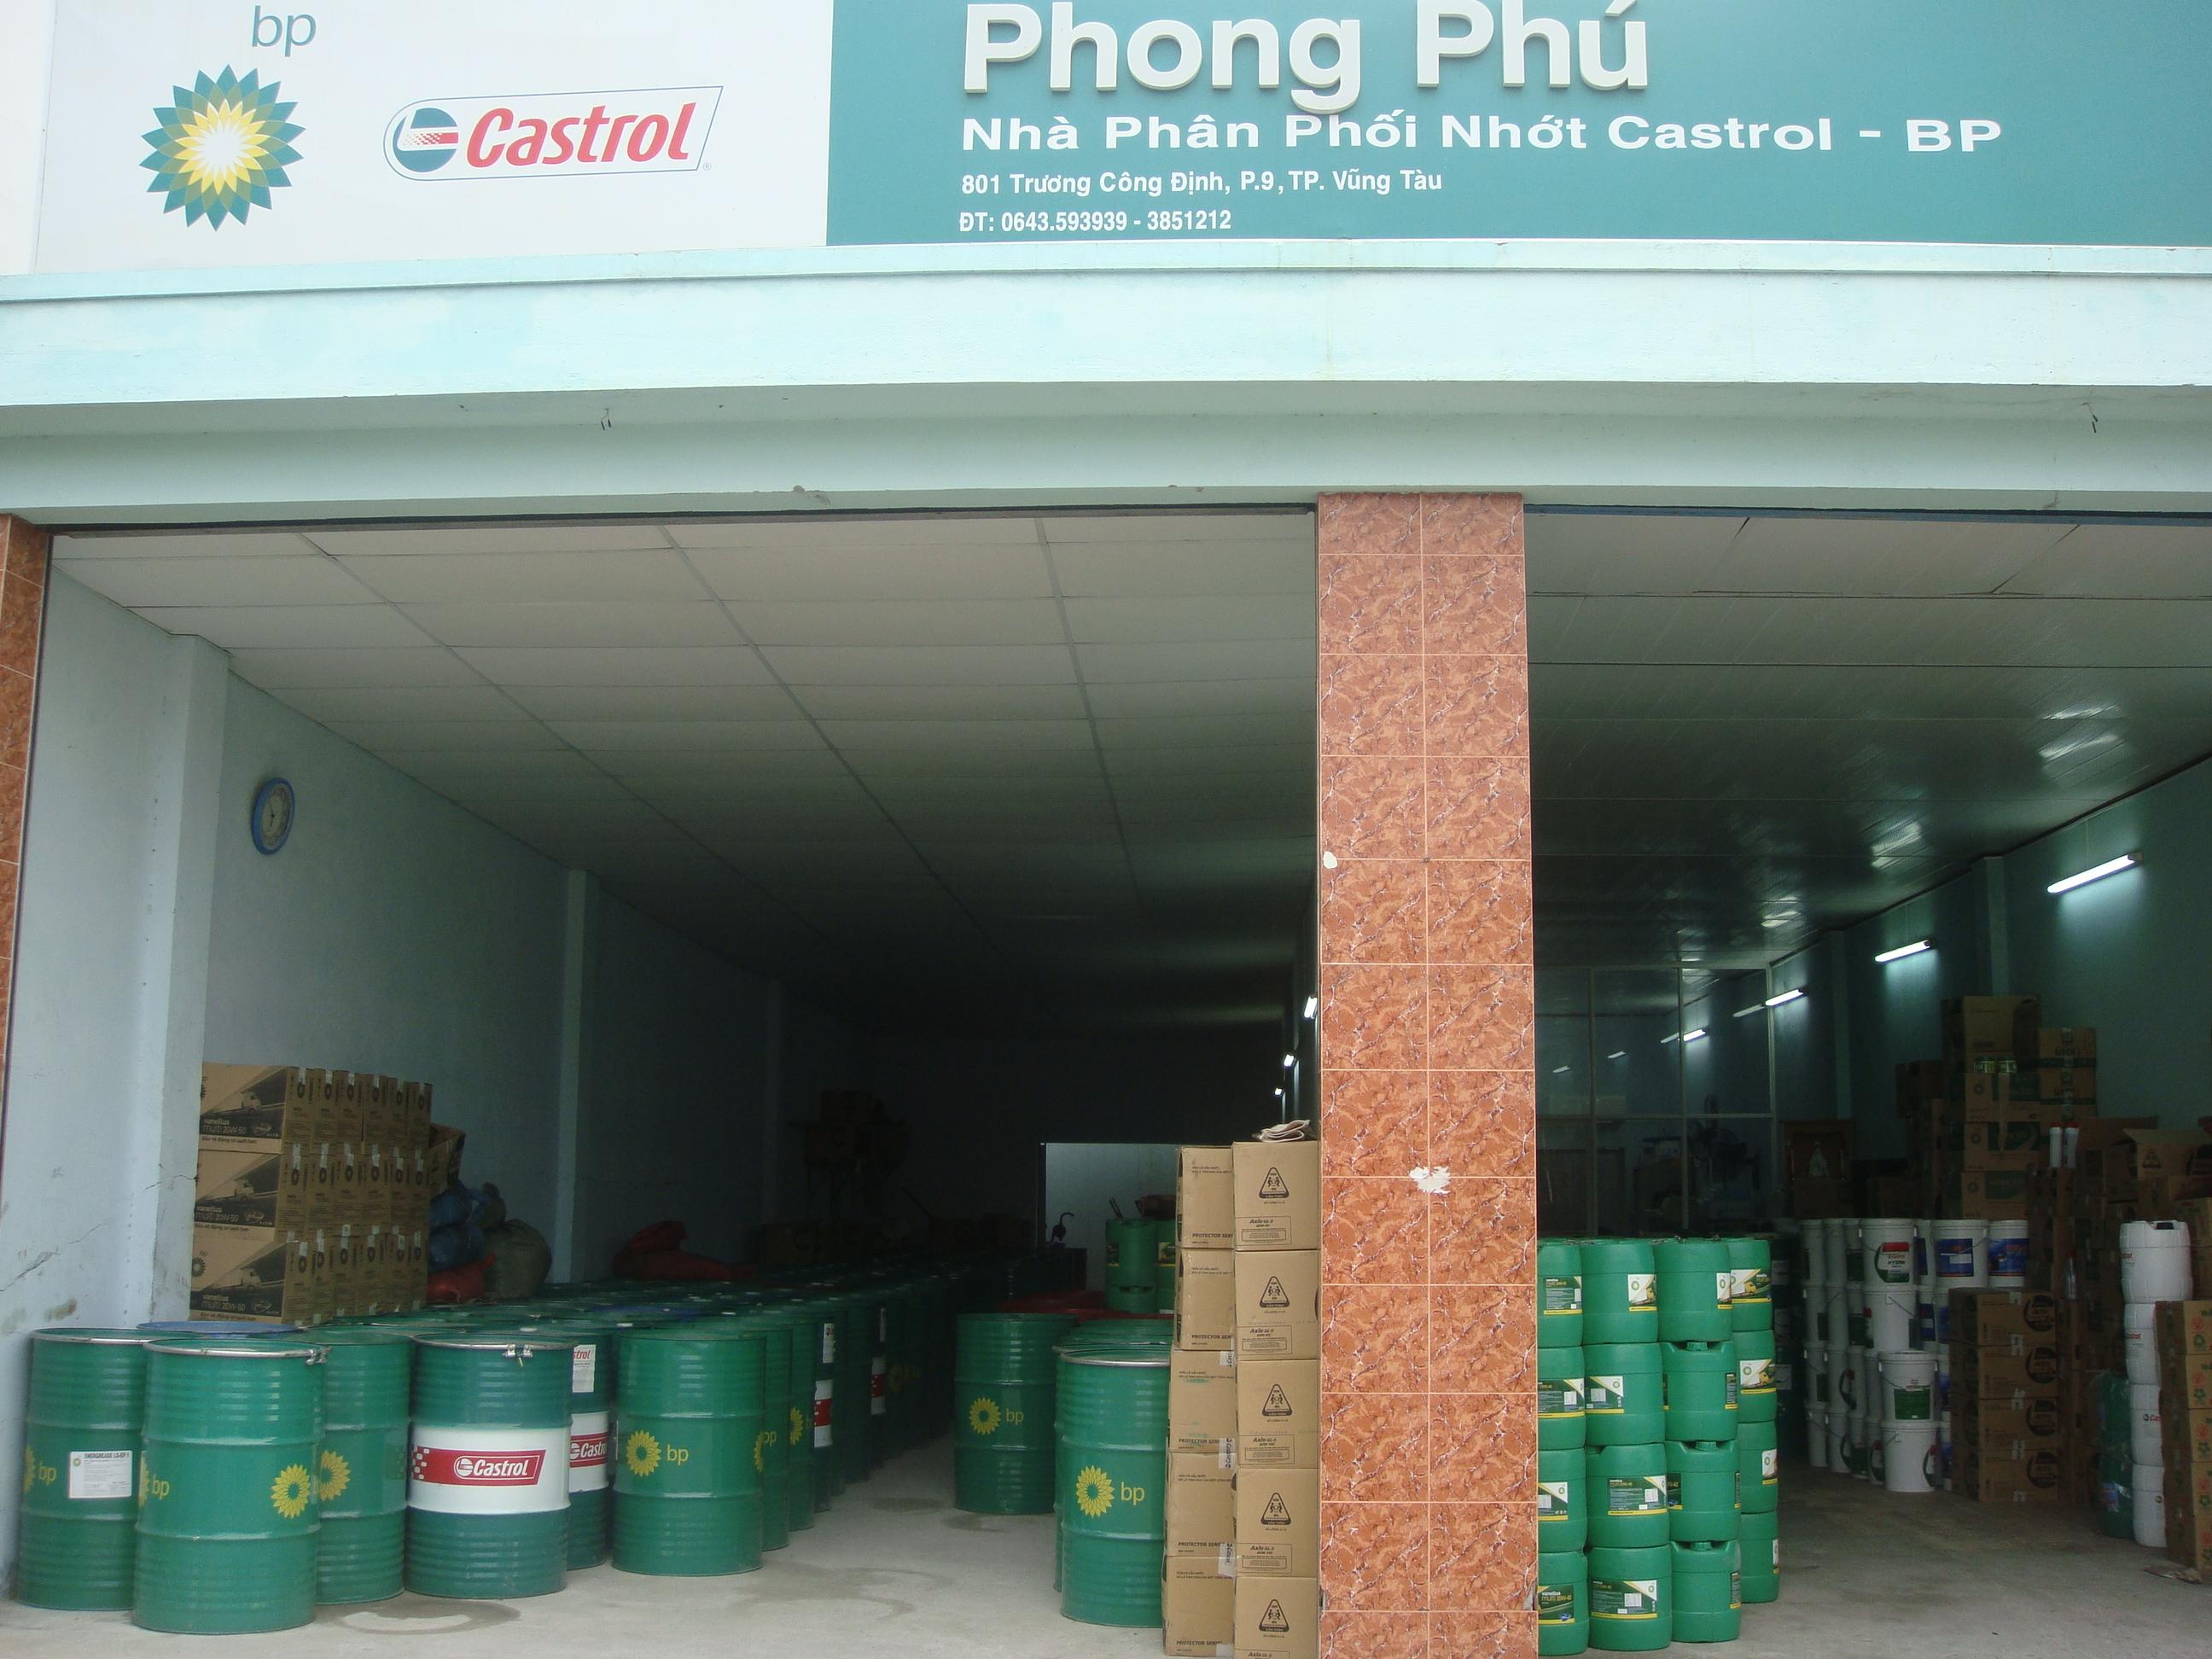 Cơ sở Phong Phú